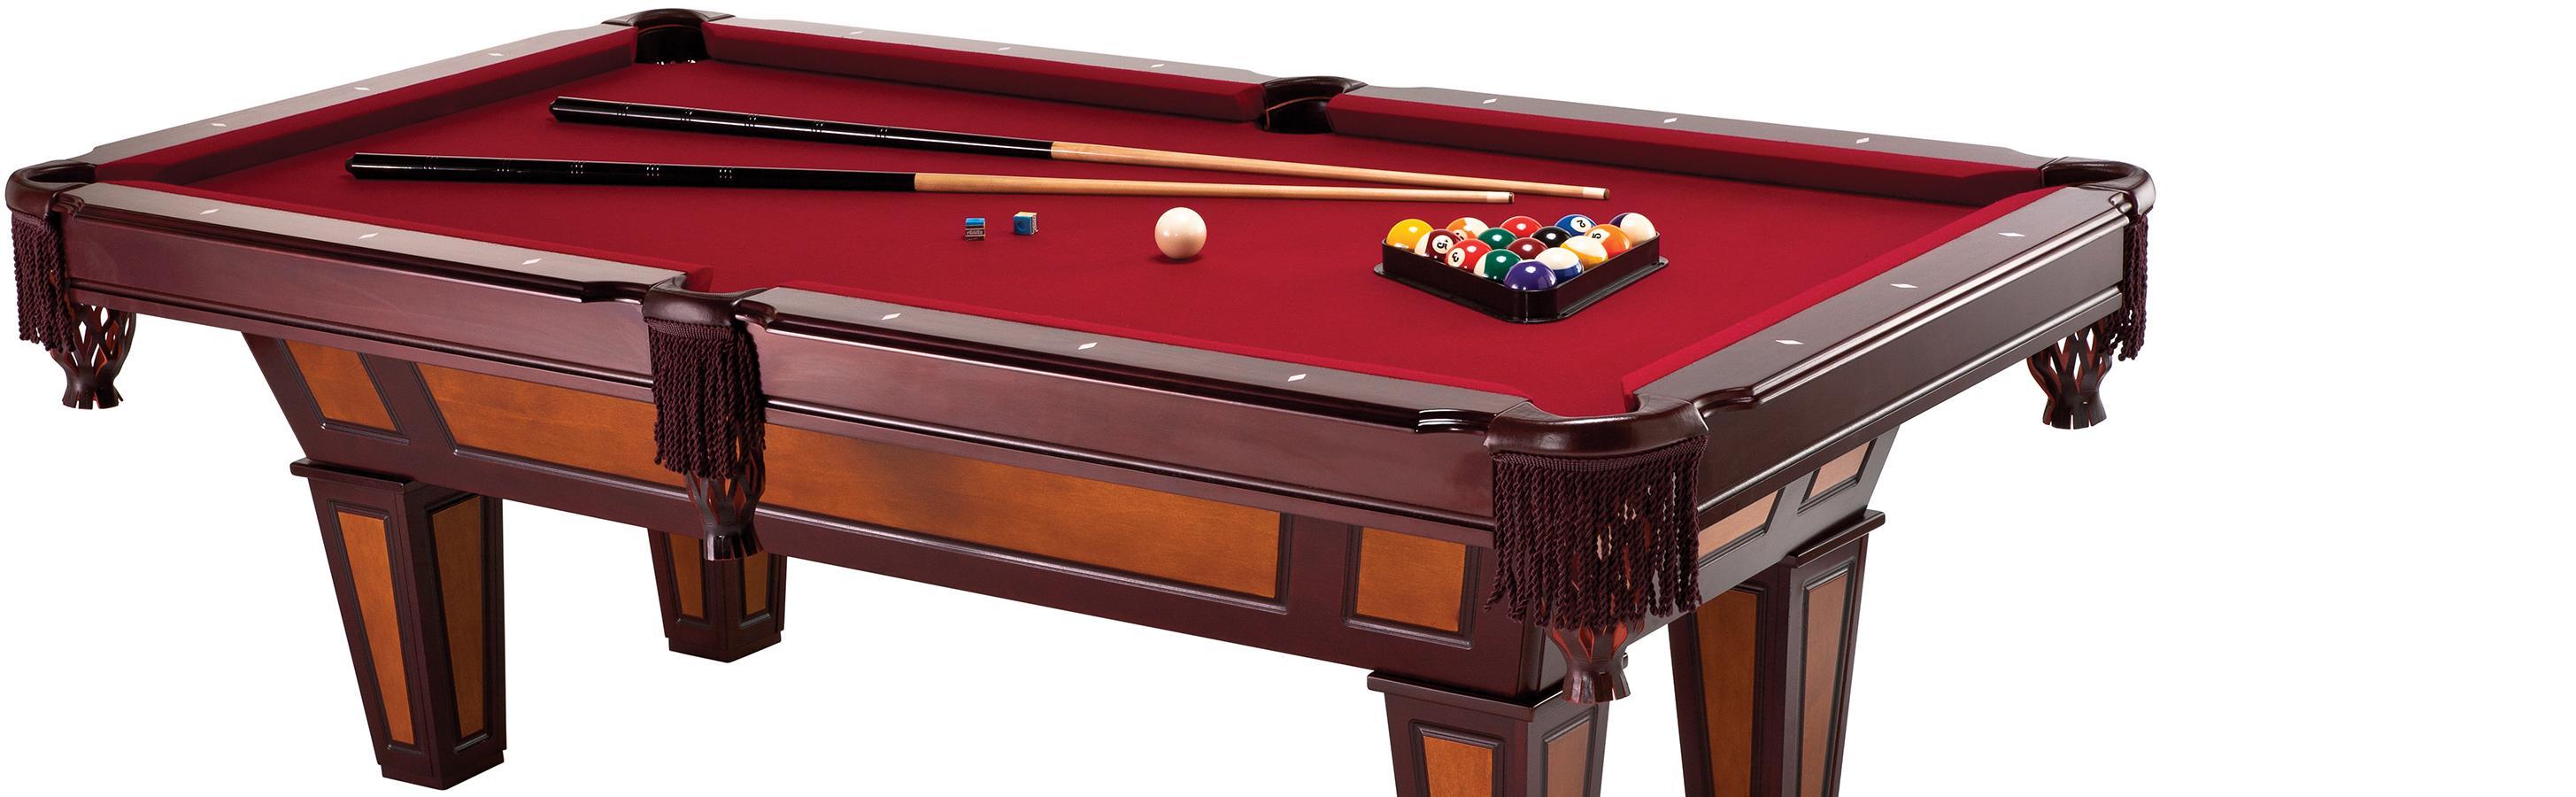 Fat cat reno ii 7 5 foot billiard pool game for Pool table 6 x 3